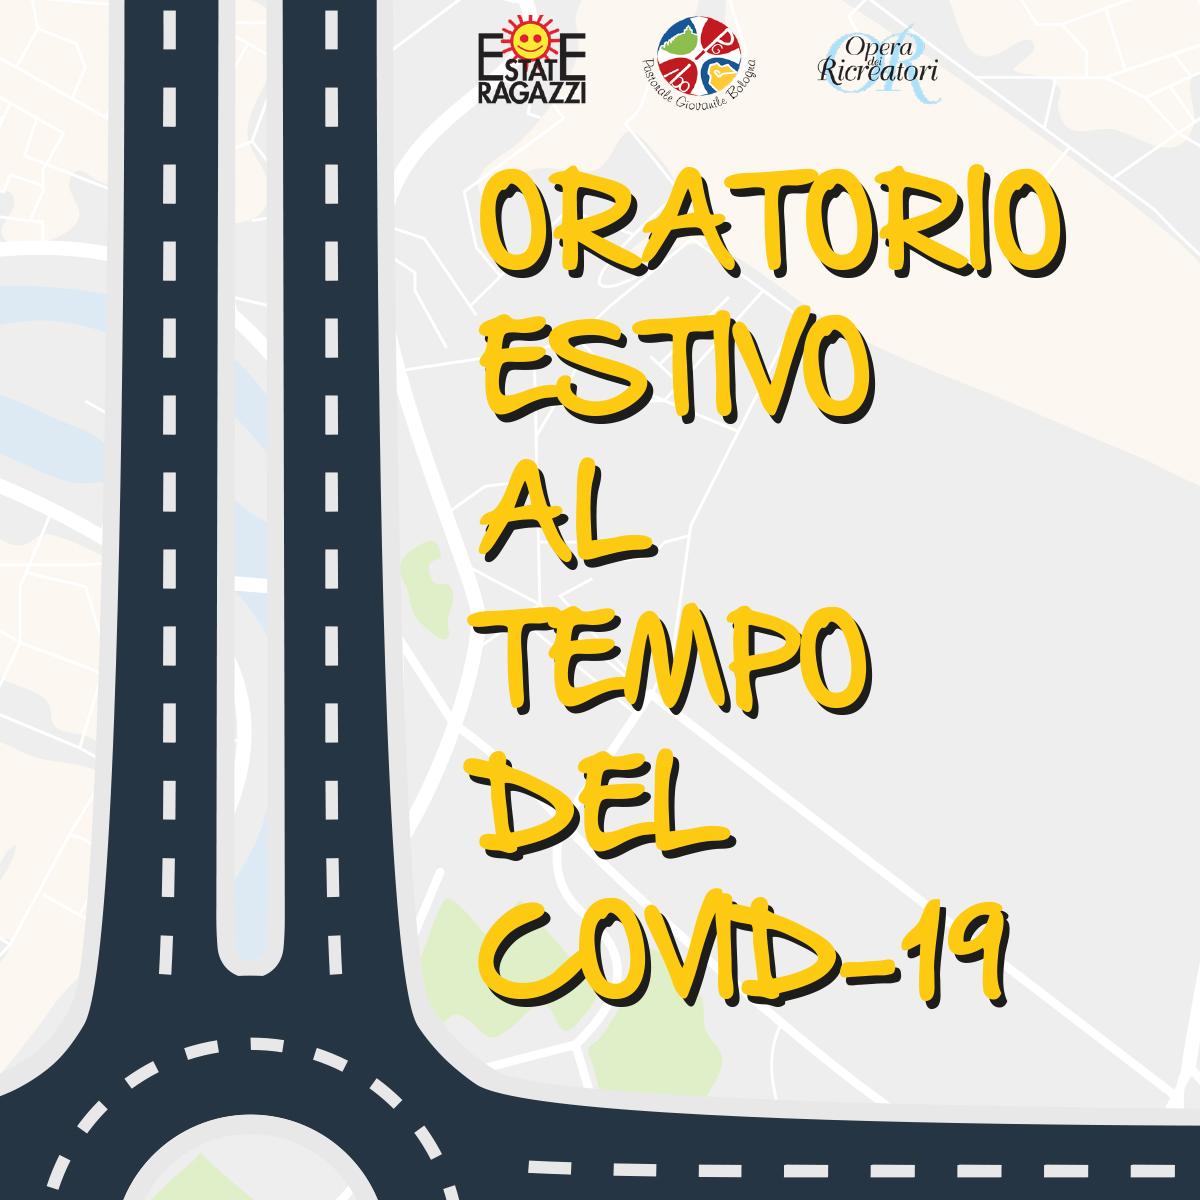 Oratorio-Estivo-al-tempo-del-Covid-19.pdf